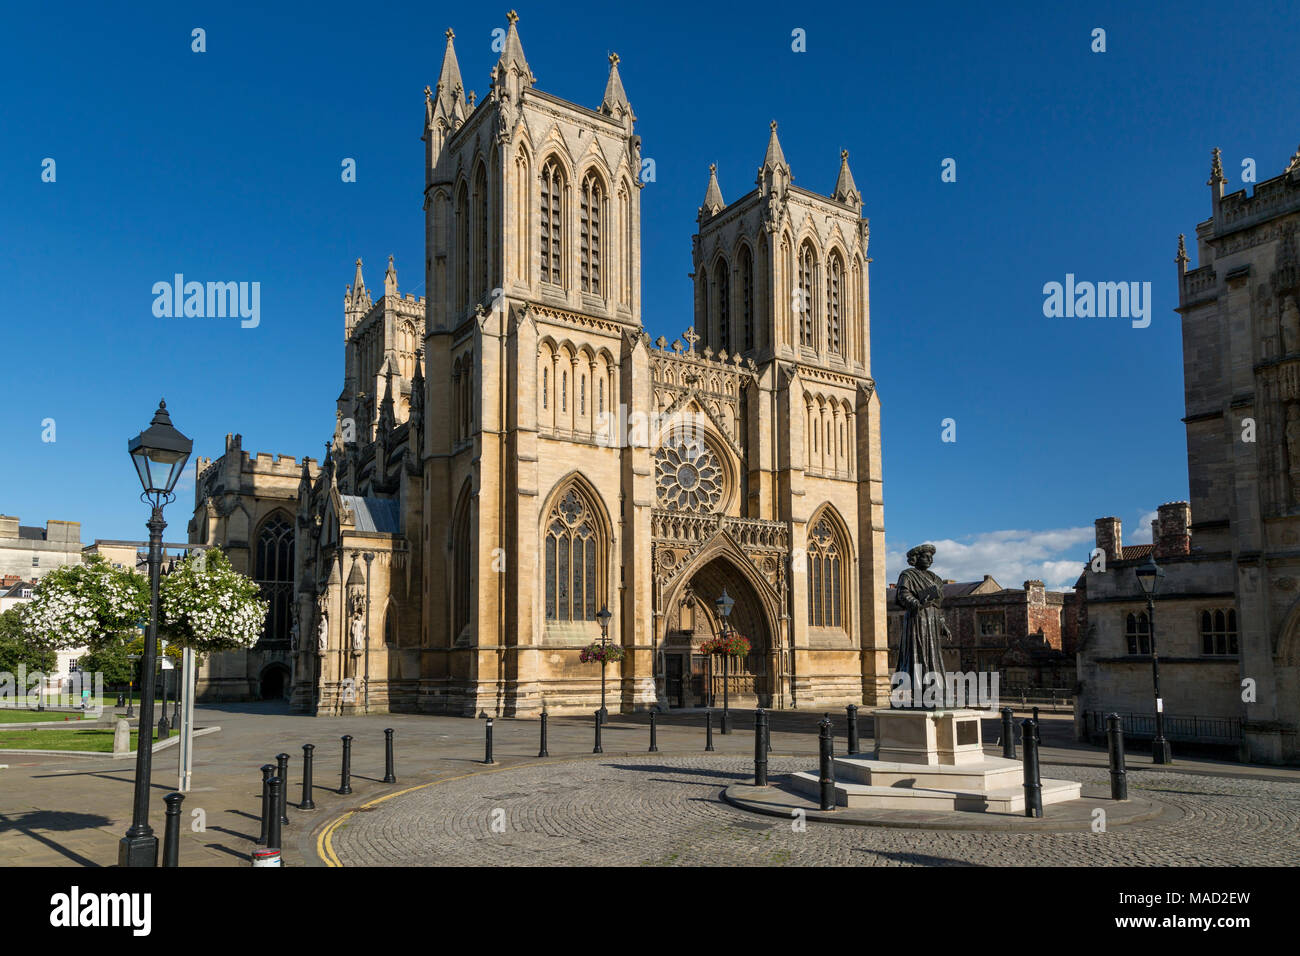 Raja Rammohun Roy statue en dessous de la cathédrale de Bristol (église cathédrale de la Sainte et indivisible Trinité), Bristol, Angleterre Banque D'Images